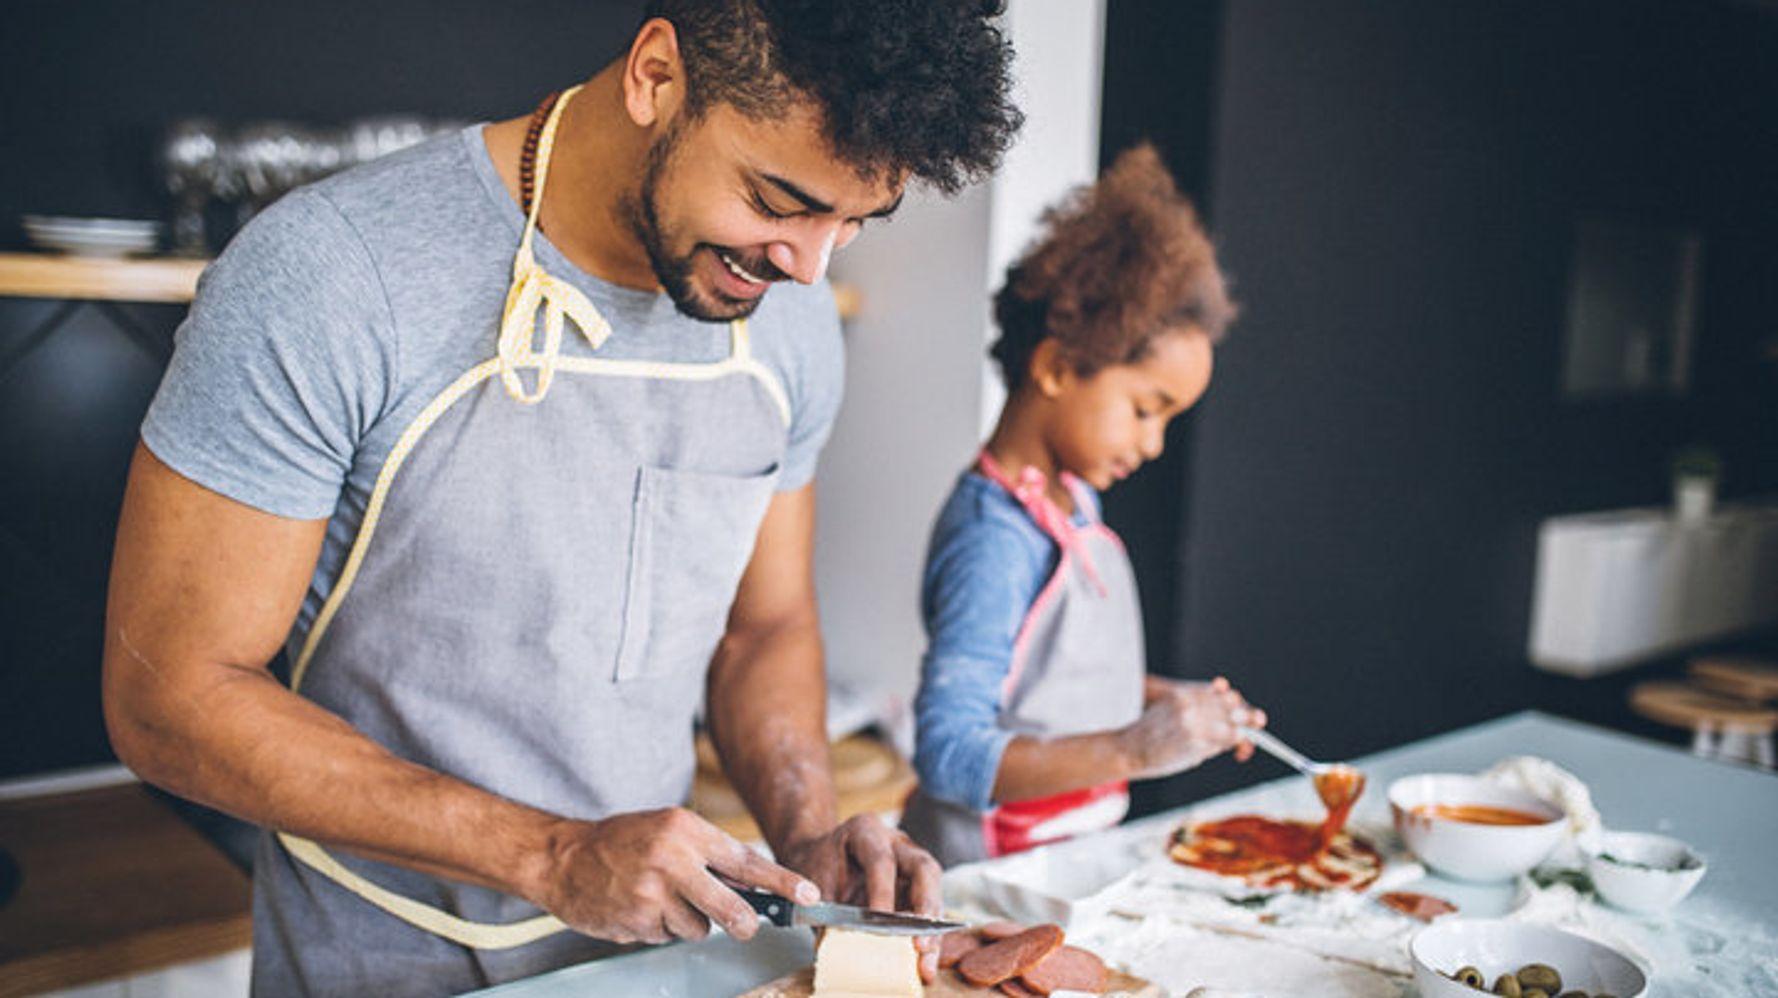 Idée Repas Pour Deux Amoureux cuisiner pour les autres a des bienfaits psychologiques très